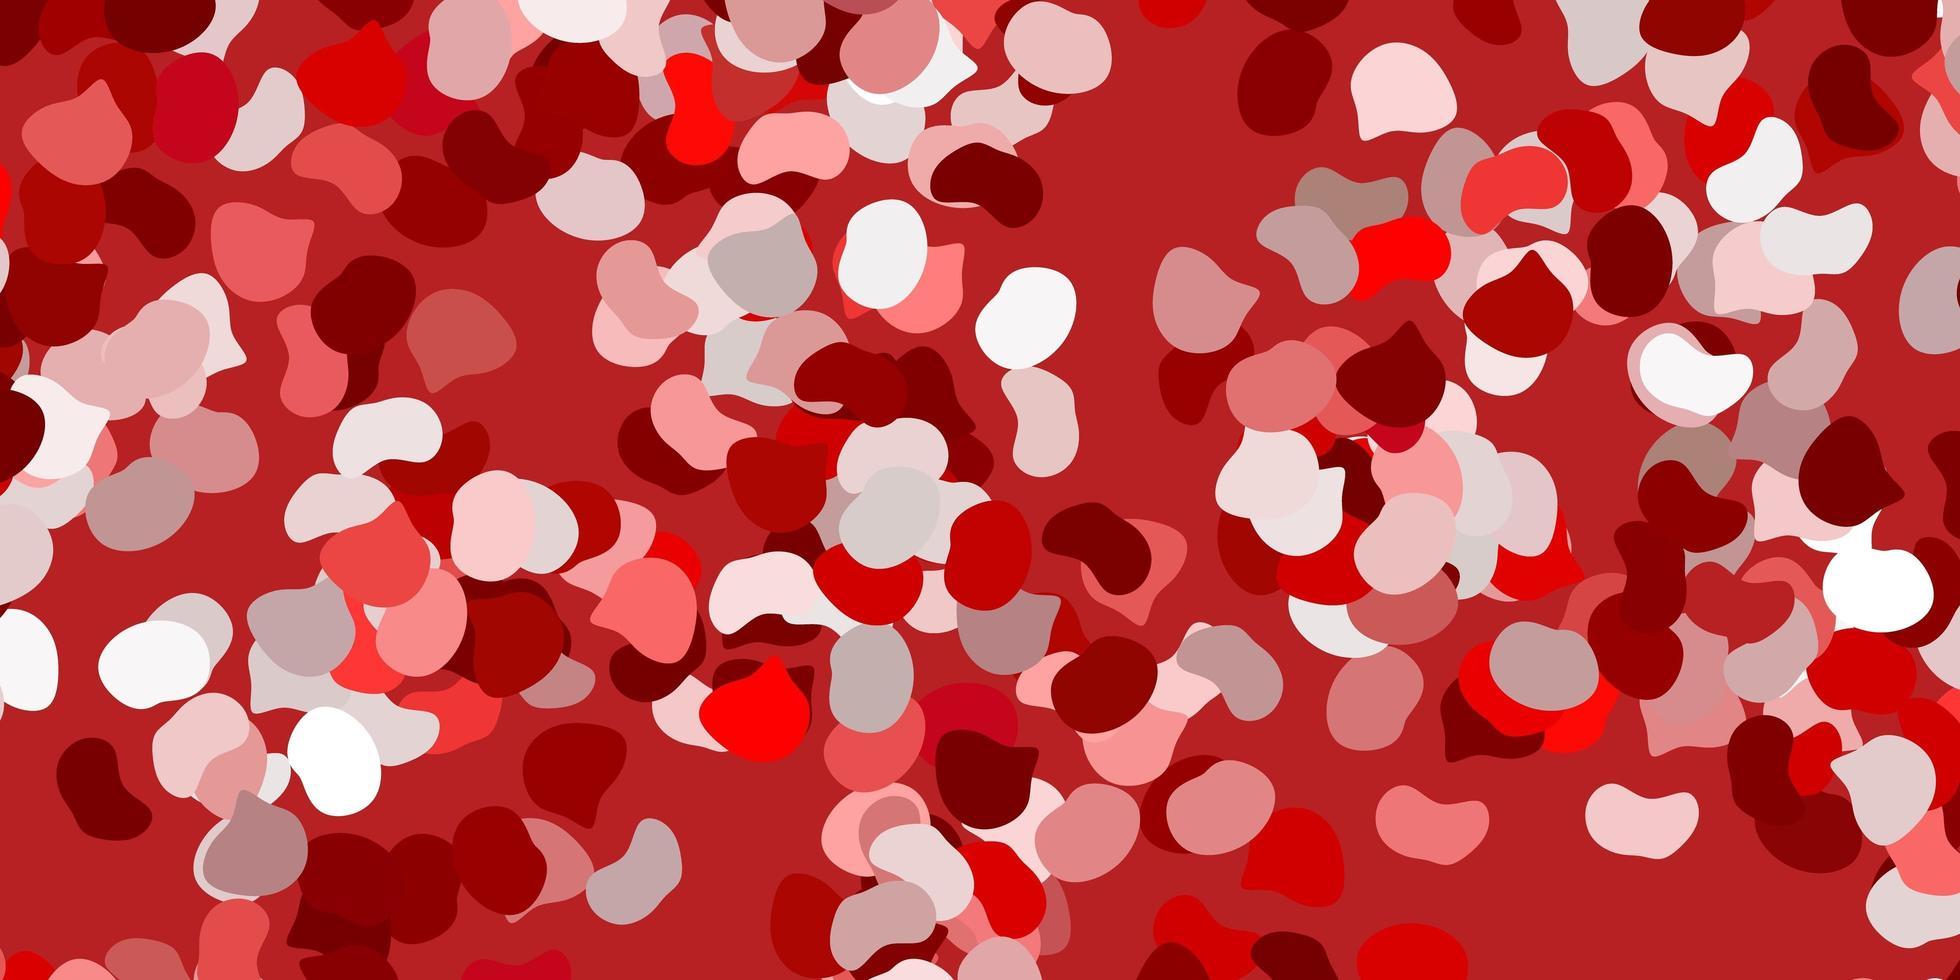 rote Vorlage mit abstrakten Formen. vektor